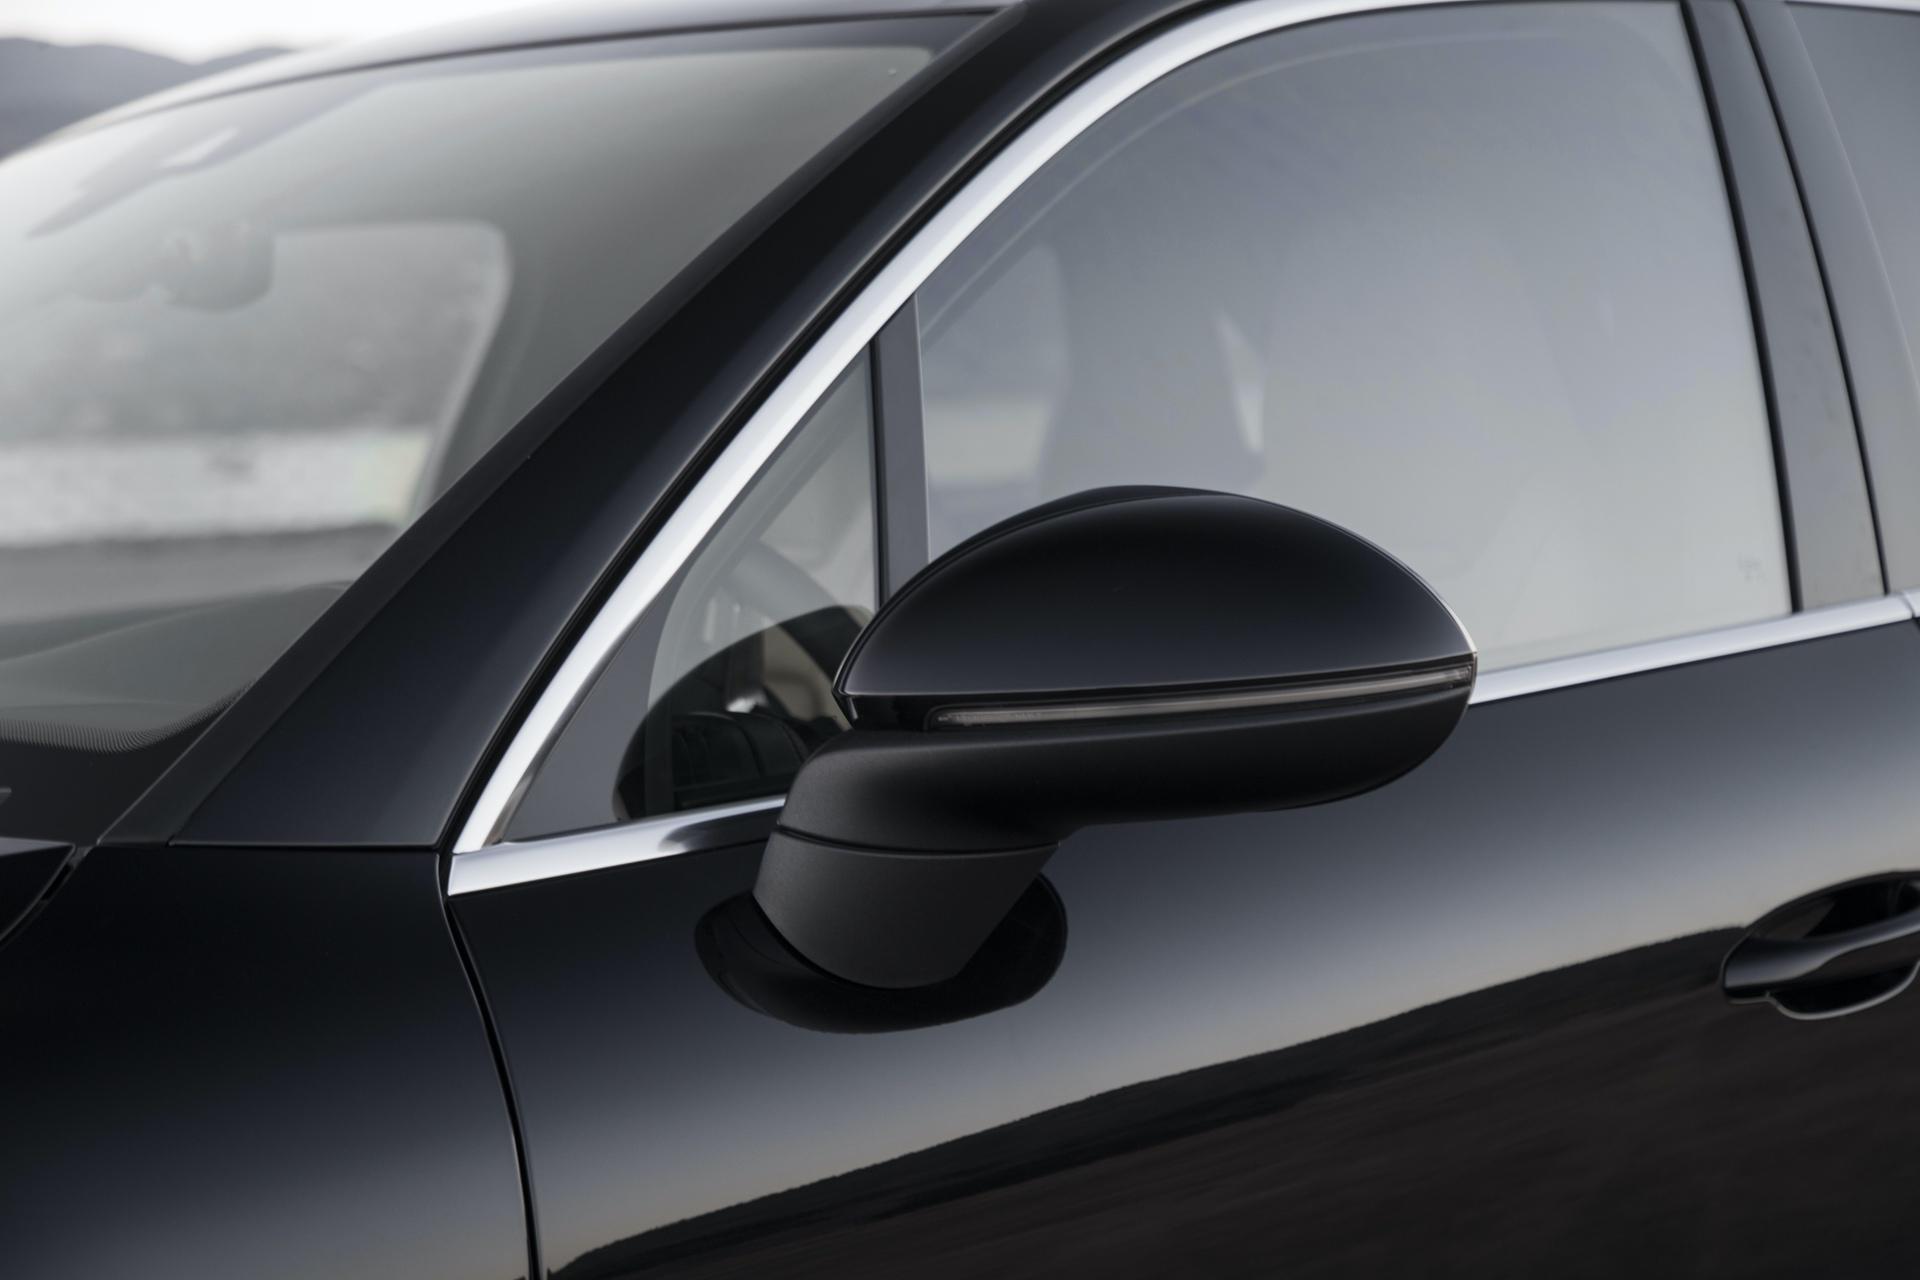 Test_Drive_Porsche_Cayenne_310